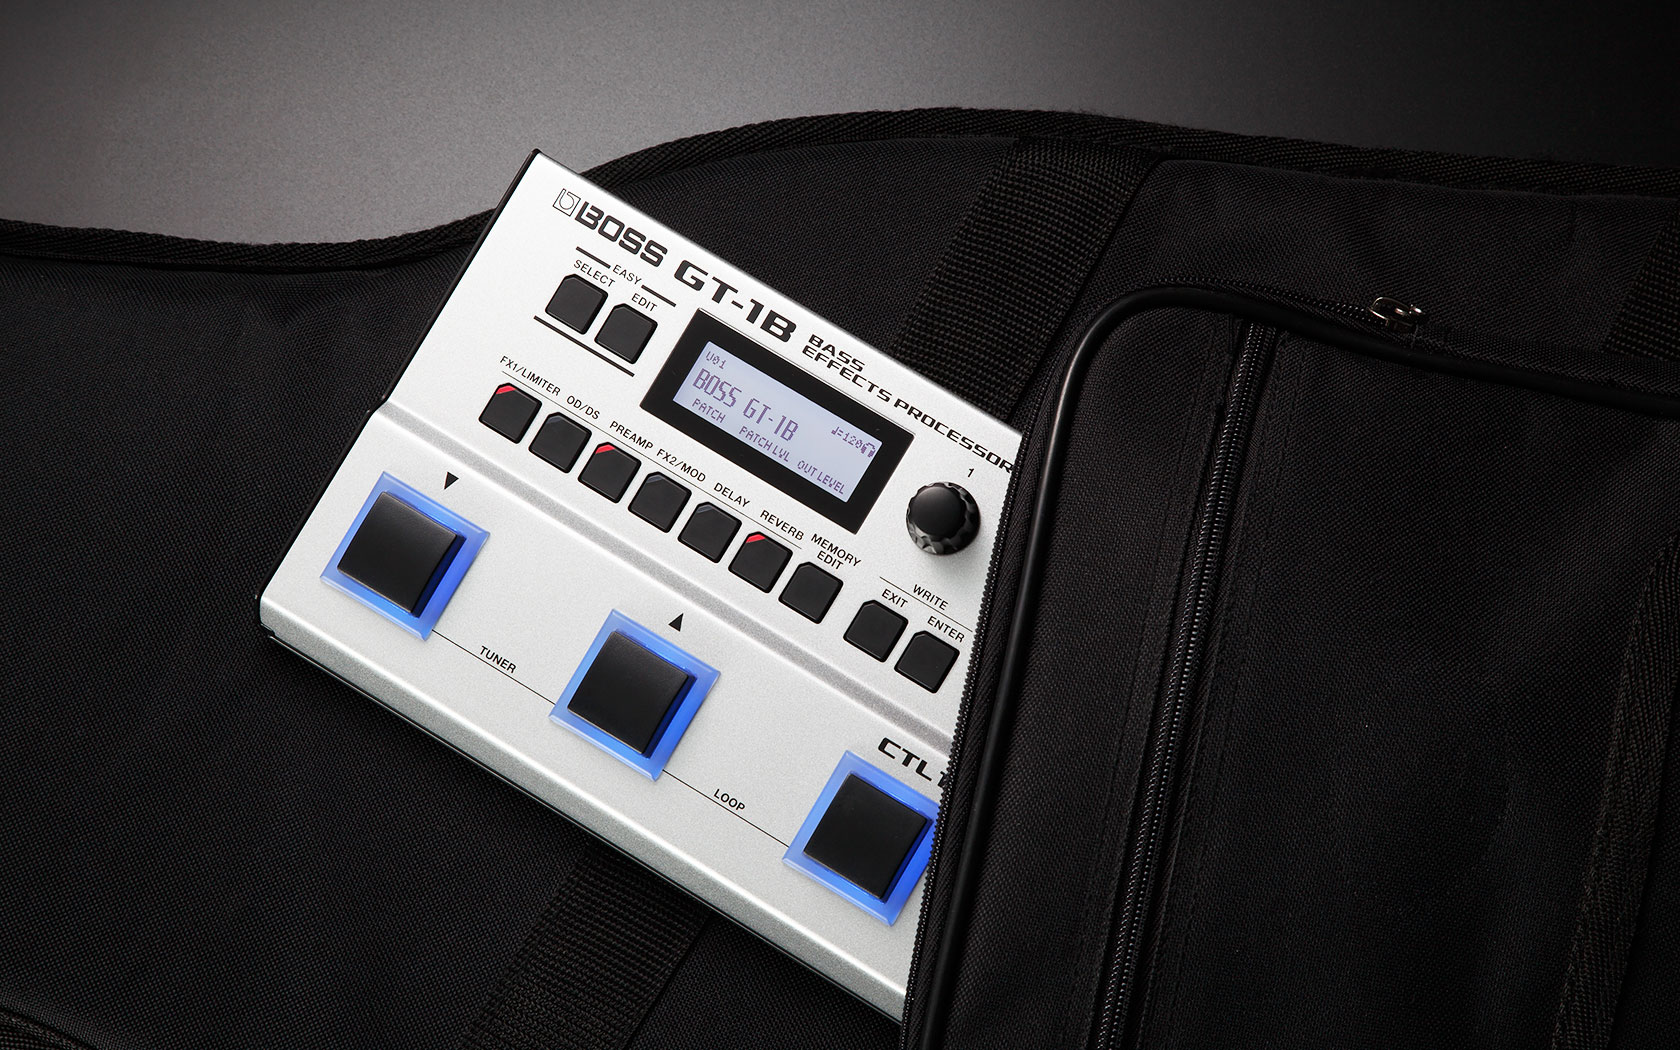 Boss GT-1B makkelijk mee te nemen in een gitaartas omdat hij compact is